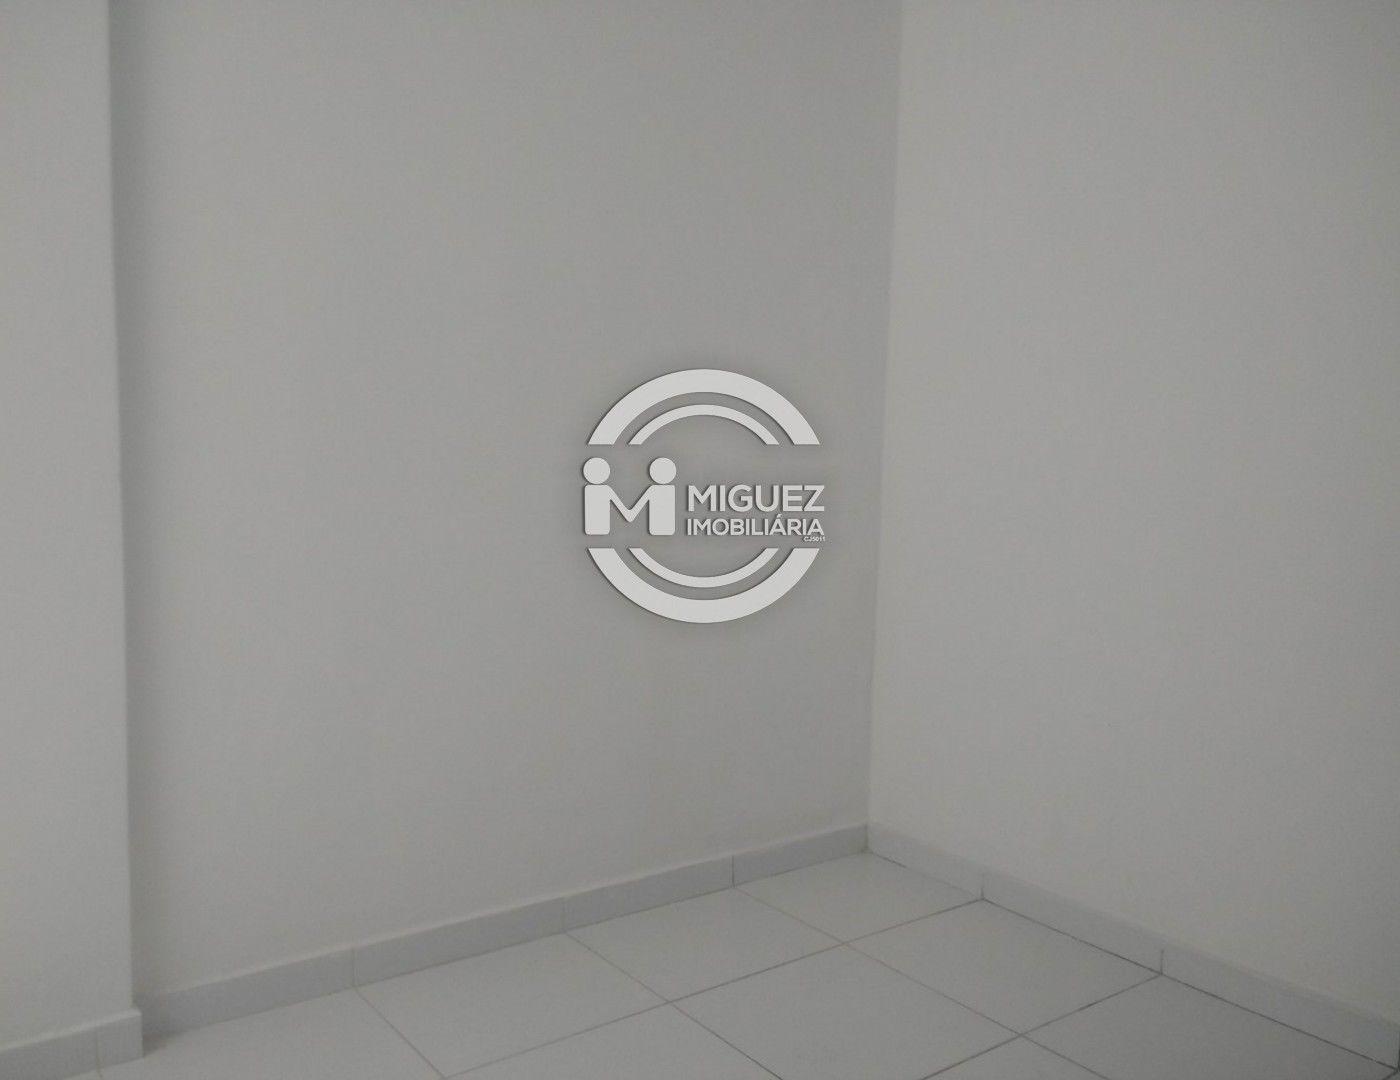 Apartamento, aluguel, Travessa Soledade - Tijuca , Rio de janeiro